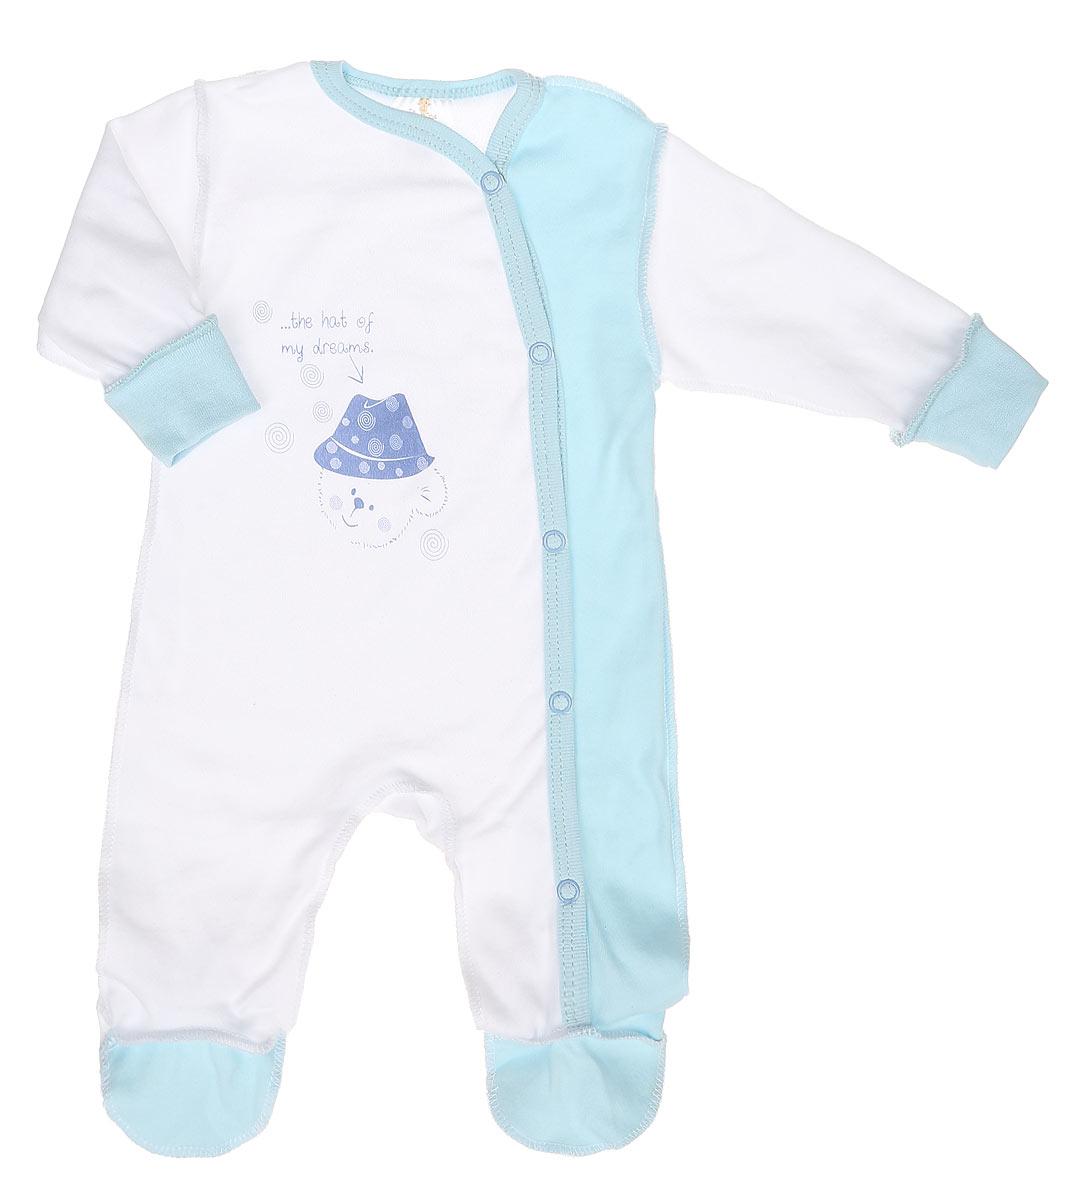 Комбинезон детский КотМарКот Мишка в шляпе, цвет: белый, голубой. 3674. Размер 56, 0-1 месяц3674Удобный комбинезон КотМарКот Мишка в шляпе идеально подойдет вашему младенцу, обеспечивая ему максимальный комфорт. Изготовленный из интерлока - натурального хлопка, он очень мягкий на ощупь, не раздражает даже самую нежную и чувствительную кожу ребенка.Комбинезон с длинными рукавами, V-образным вырезом горловины и закрытыми ножками имеет застежки-кнопки от горловины до щиколотки, которые помогают легко переодеть младенца или сменить подгузник. Низ рукавов дополнен широкими трикотажными манжетами. Спереди он оформлен принтом с изображением медвежонка, а также принтовой надписью на английском языке. С комбинезоном спинка и ножки вашего крохи всегда будут в тепле.Современный дизайн и модная расцветка делают этот комбинезон незаменимым предметом детского гардероба. В нем ваш ребенок всегда будет в центре внимания! УВАЖАЕМЫЕ КЛИЕНТЫ! Обращаем ваше внимание на тот факт, что для самых маленьких размеров швы изделия выполнены наружу.